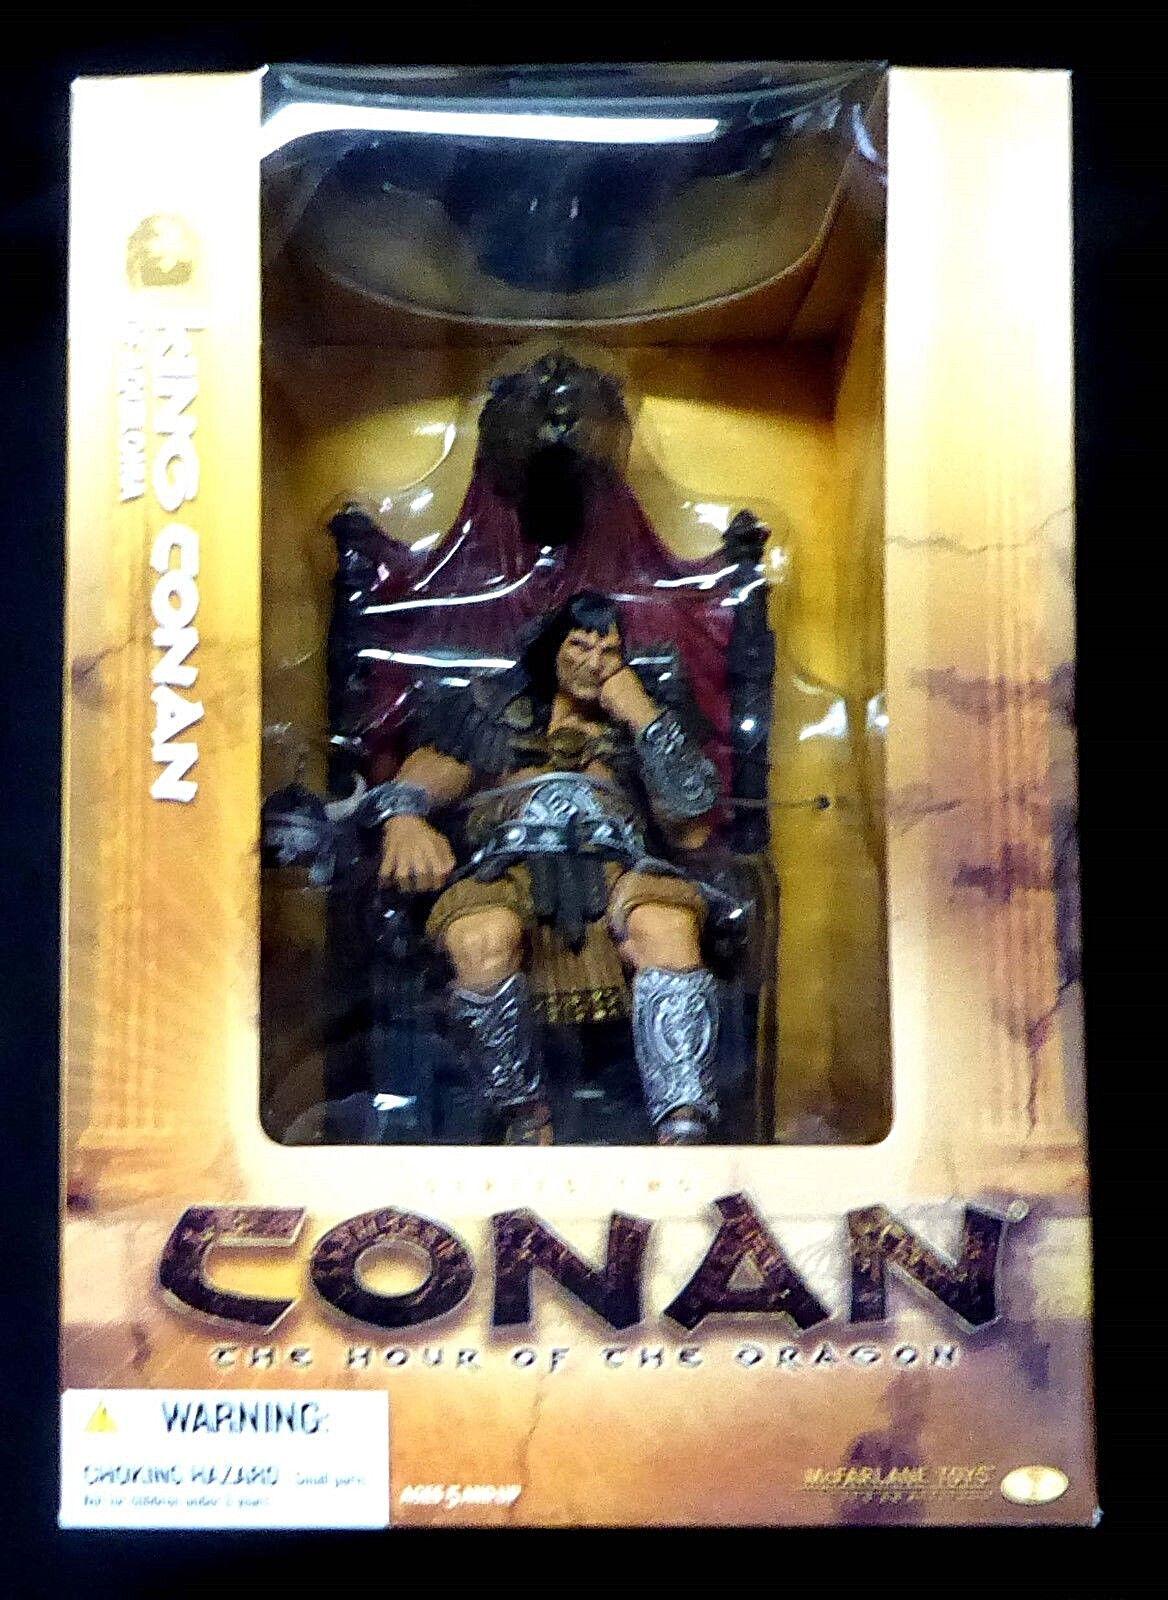 McFarlane giocattoli Conan Series 2 re Conan of of of Aquilonia Deluxe scatolaed Set nuovo 2005 f5eb79